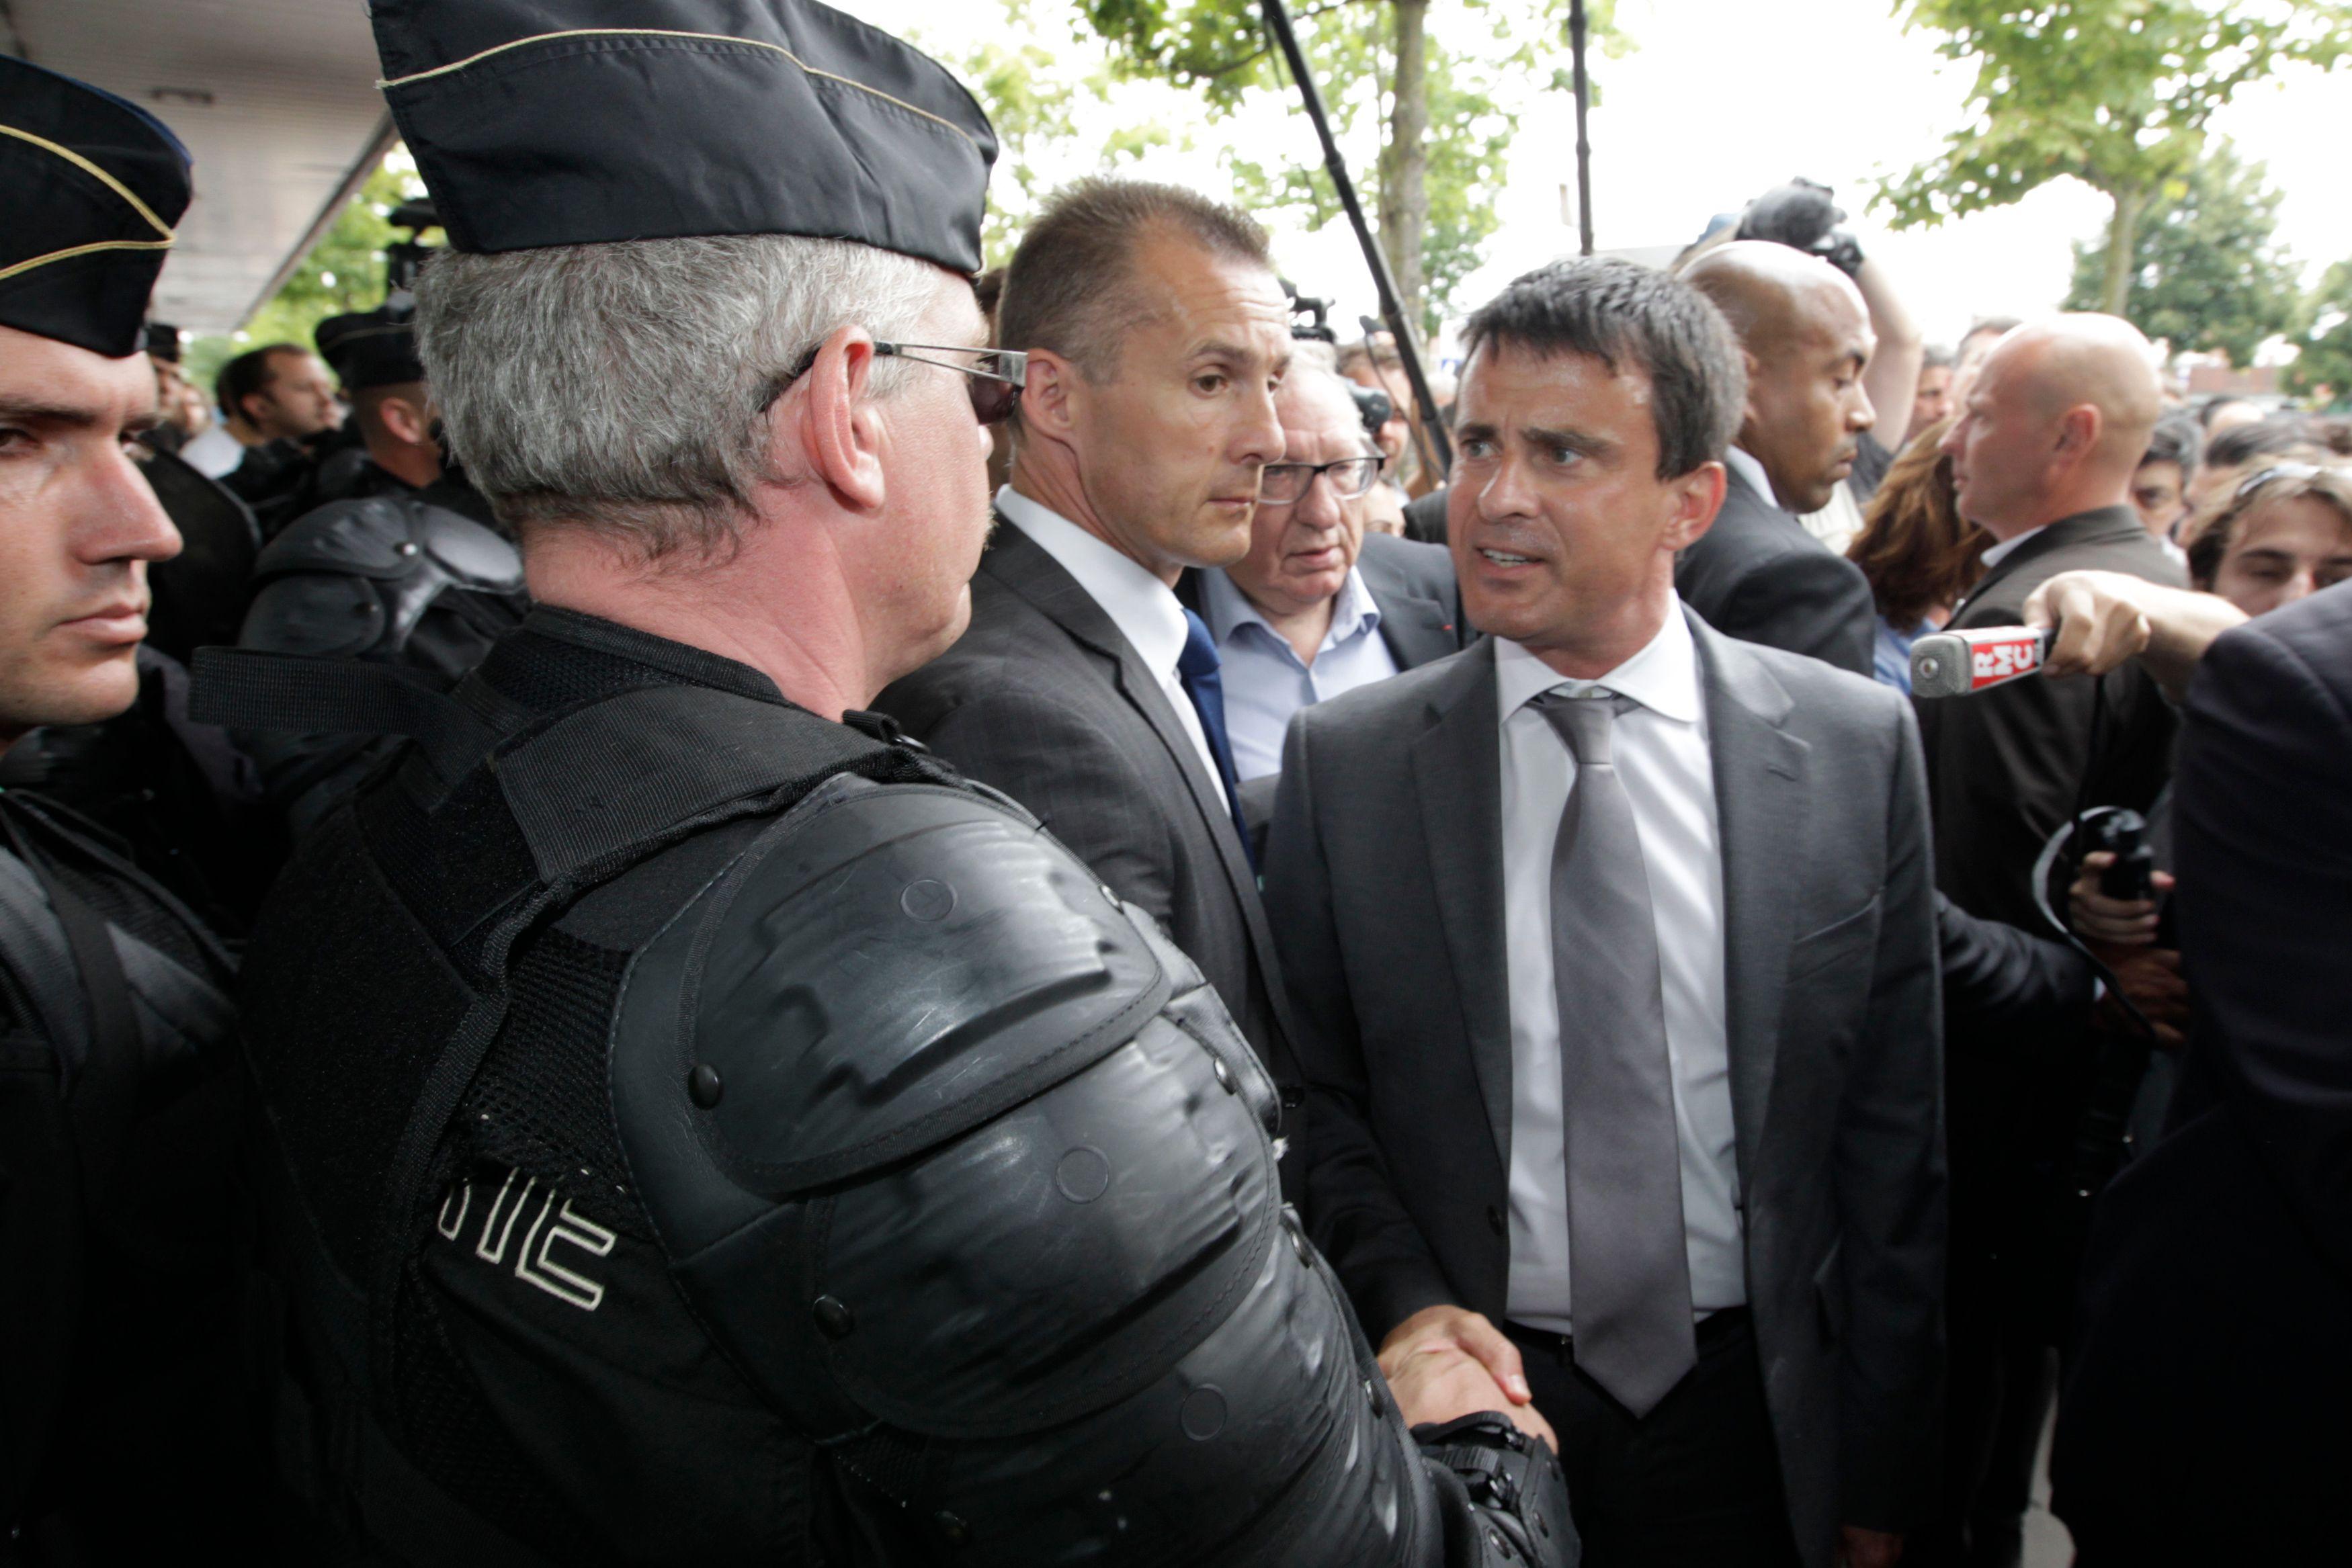 La semaine dernière, Manuel Valls a indiqué que 500 postes de policiers et gendarmes seront créés en 2013. Un effet d'annonce ?